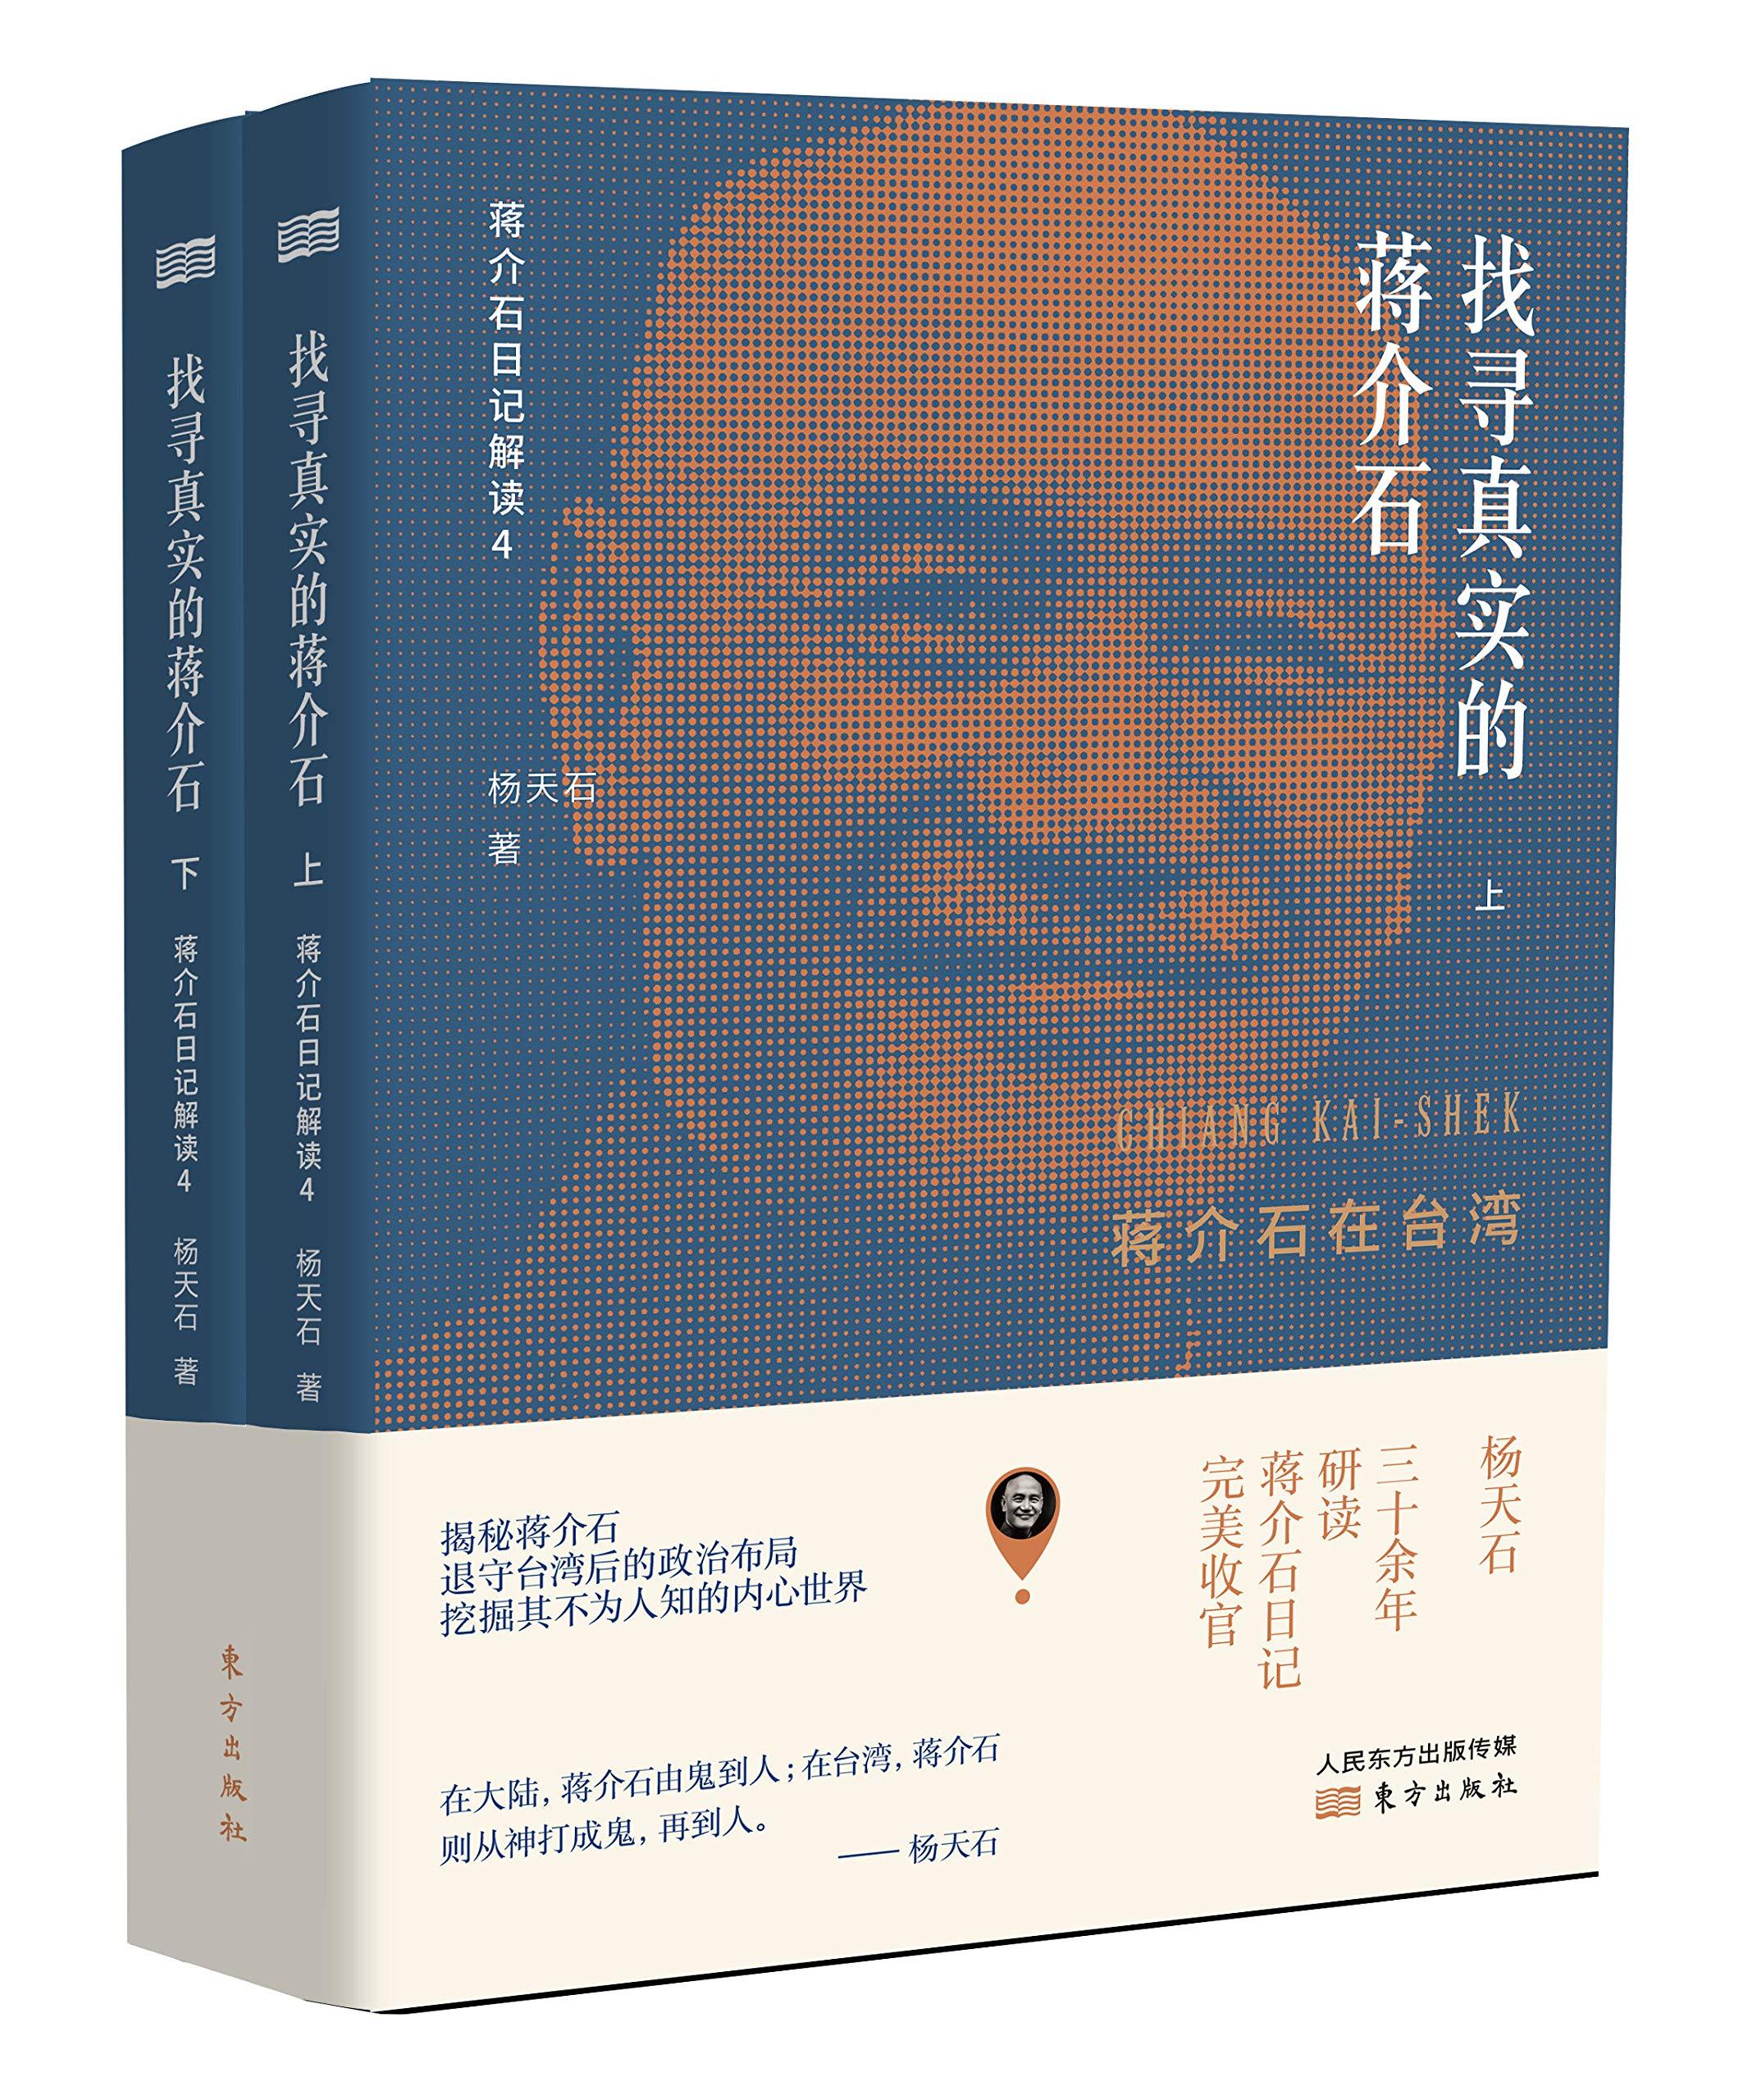 Looking For The Real Chiang Kai-shek: Interpretation Of Chiang Kai-shek's Diaries 4 (Part I And Part II)